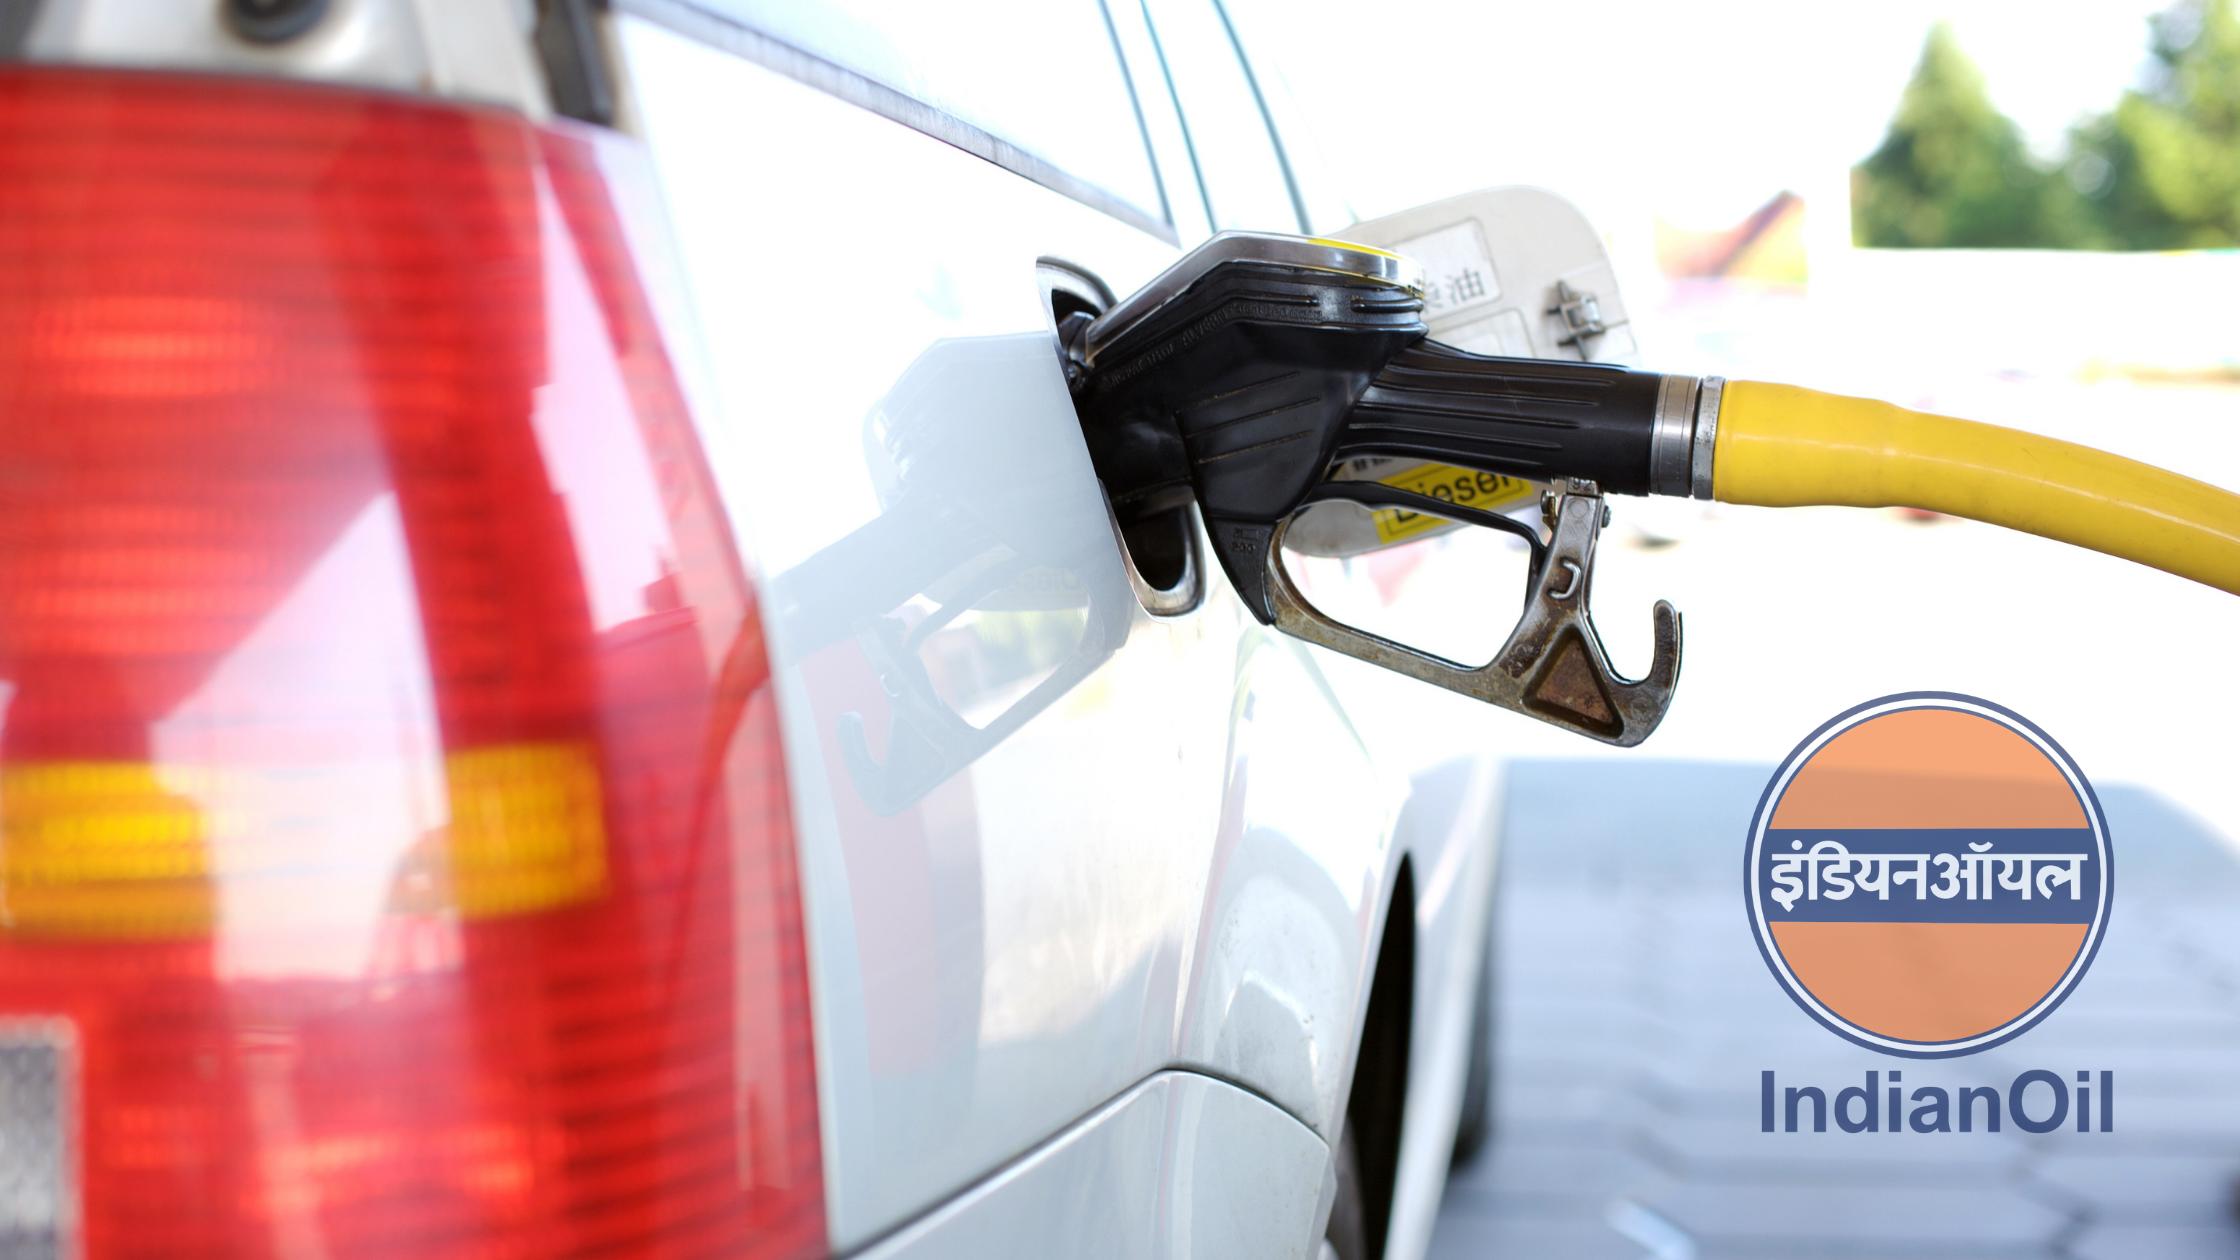 Indian Oil Cashback Offer